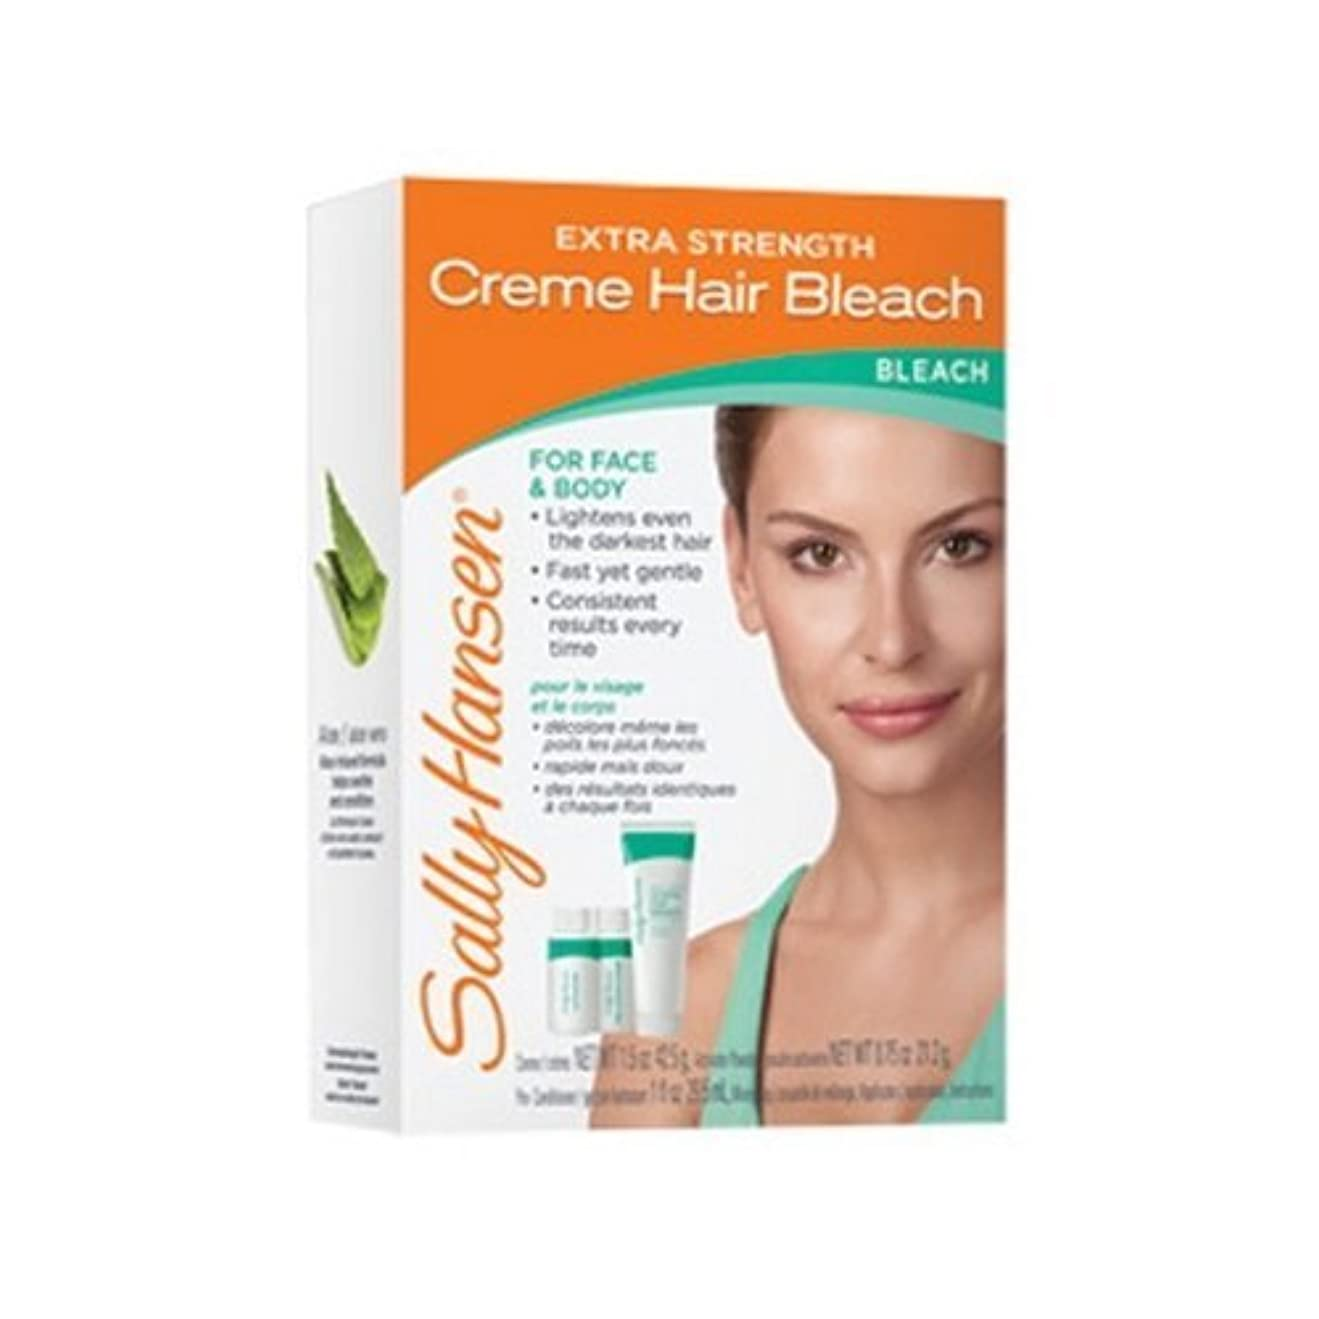 テナント構造的不快な(3 Pack) SALLY HANSEN Extra Strength Creme Hair Bleach for Face & Body - SH2010 (並行輸入品)